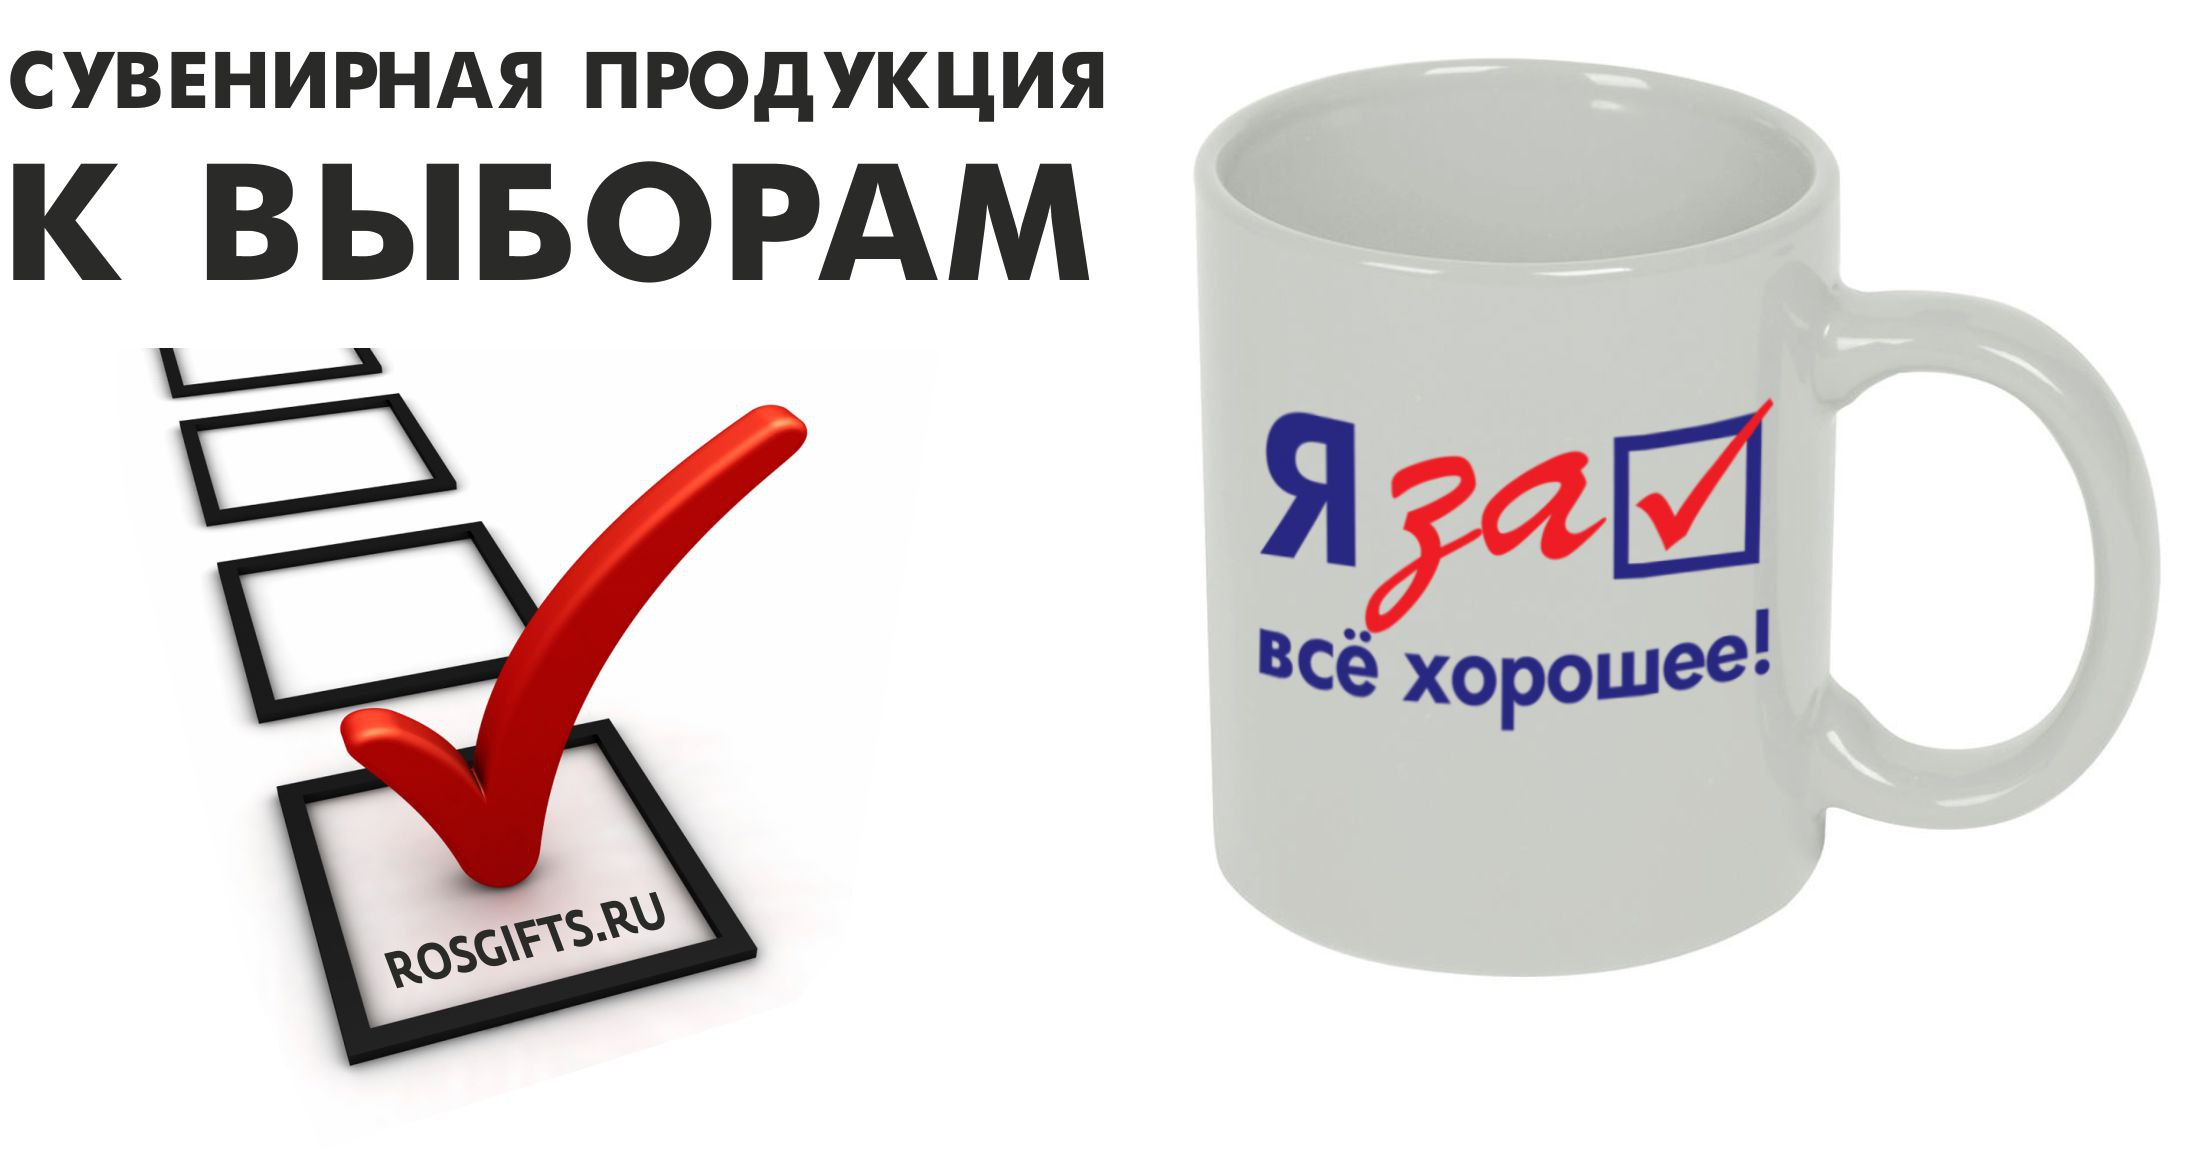 сувенирная продукция к выборам